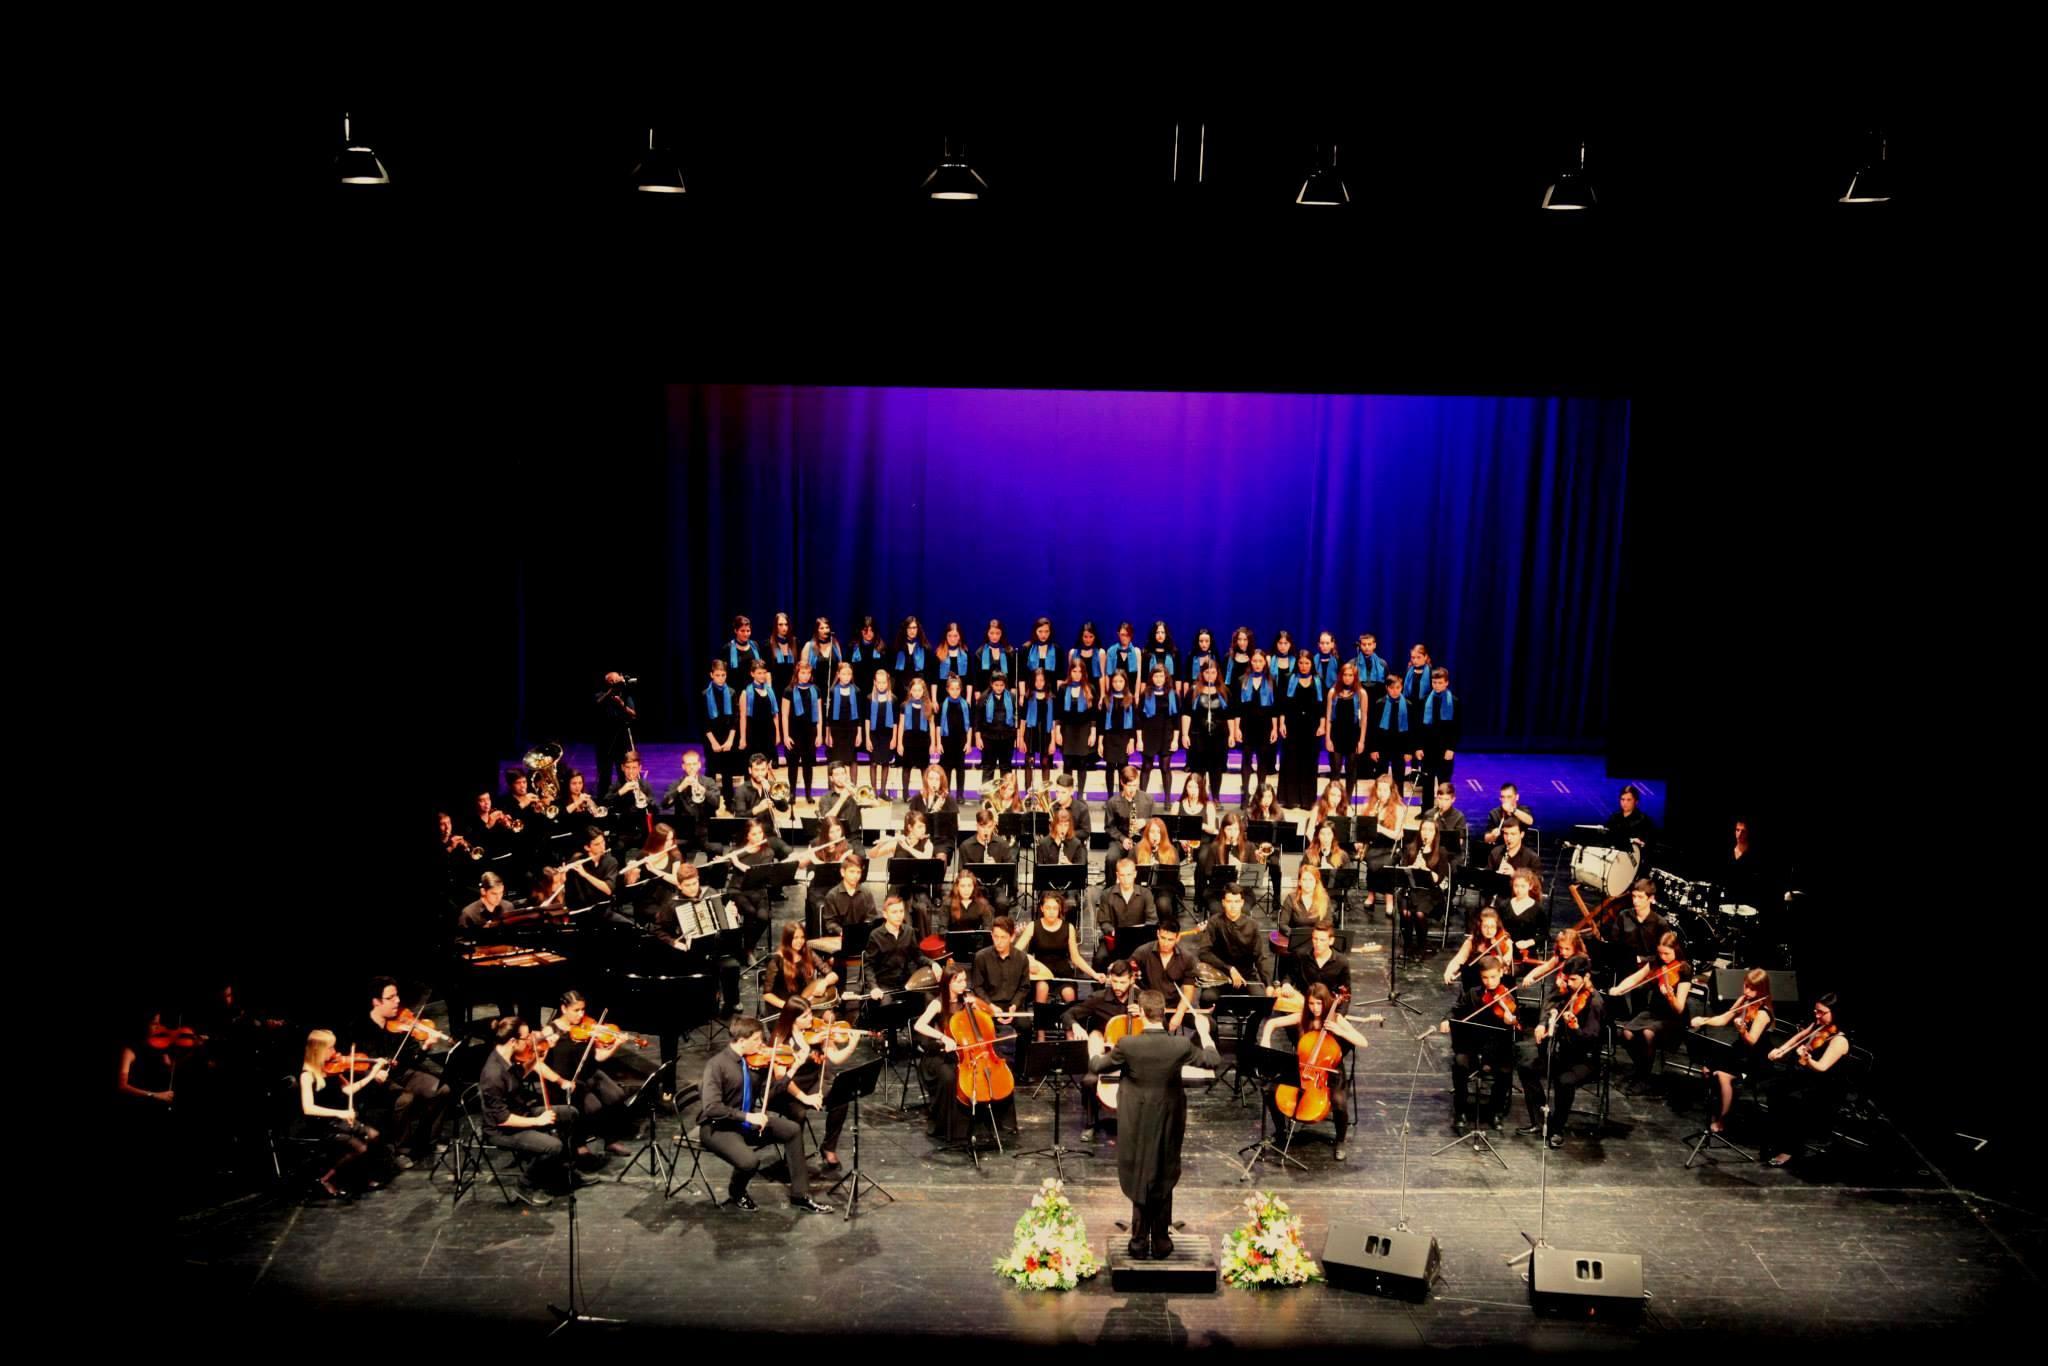 Συνεχίζονται έως τέλη Σεπτεμβρίου οι ακροάσεις στη Συμφωνική Ορχήστρα Νέων Ελλάδας